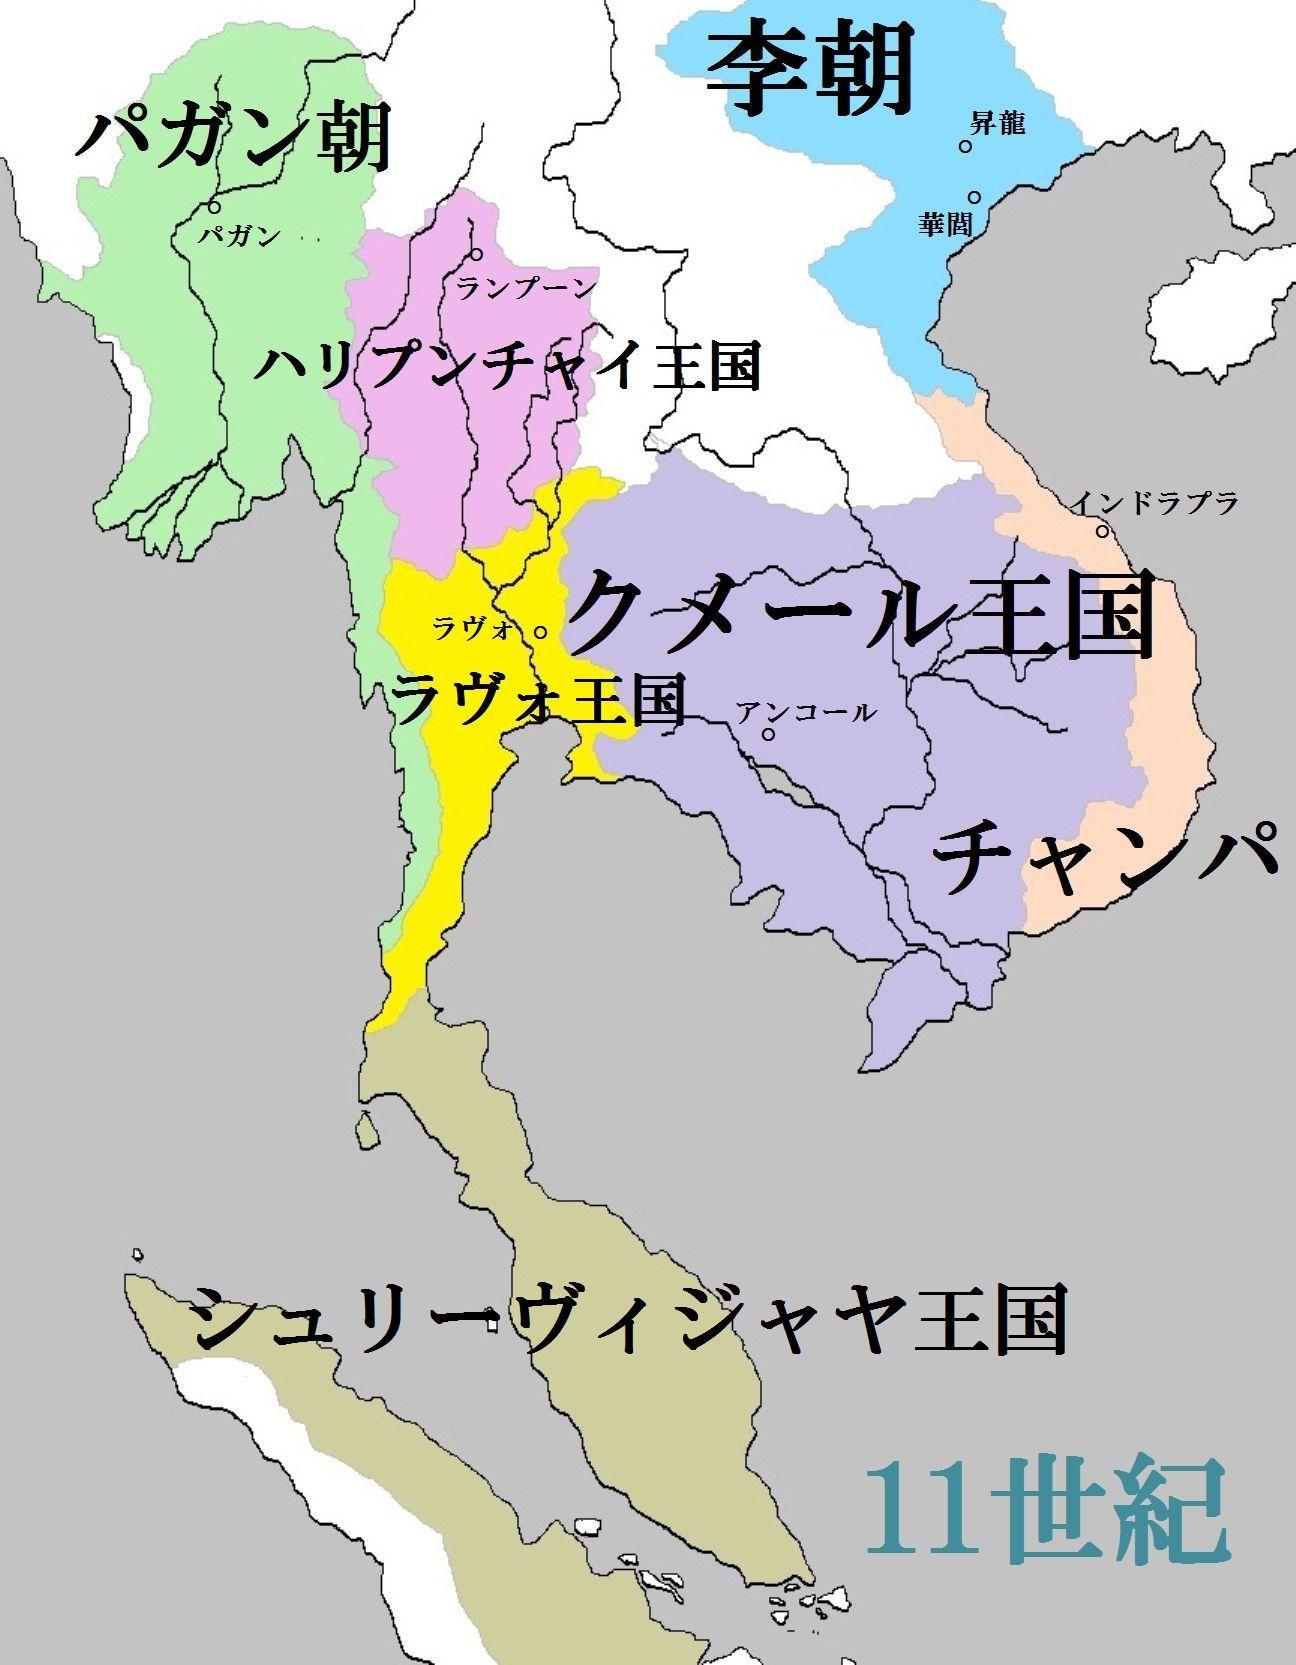 インドネシアの王朝年語呂【年号ゴロ合わせ】